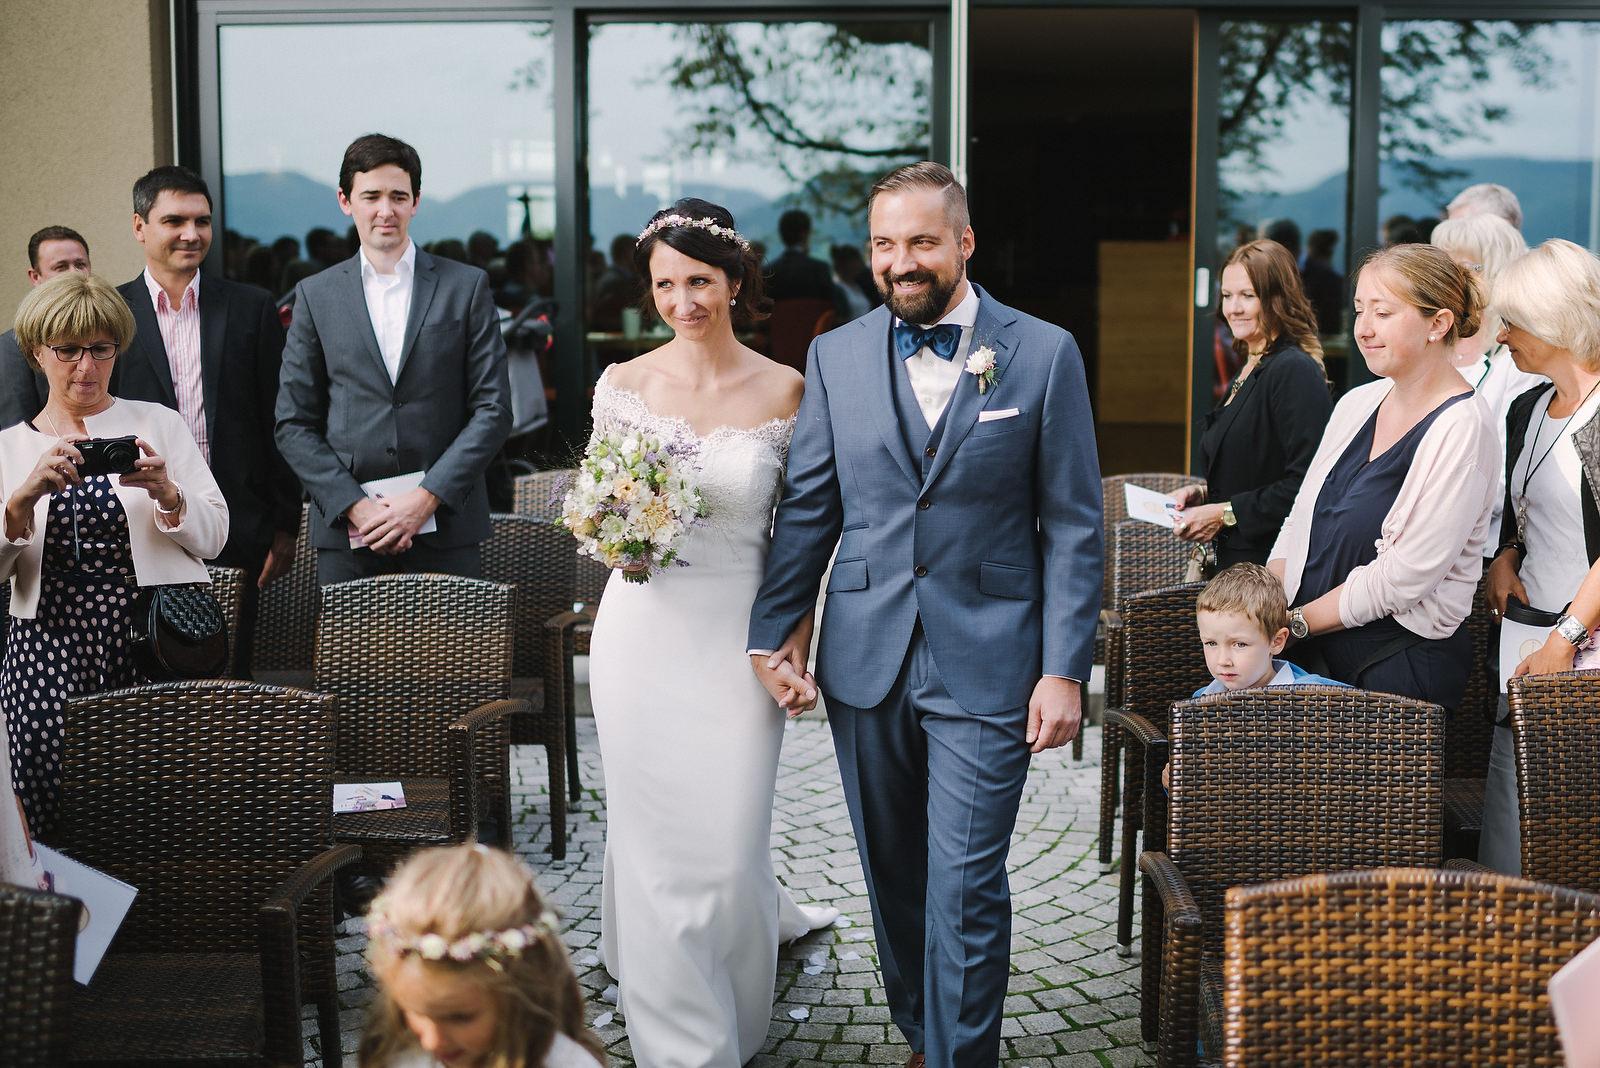 Fotograf Konstanz - Hochzeitsfotograf Reutlingen Achalm Hochzeit EFP 40 - Documentary wedding story on the Achalm, Reutlingen  - 33 -